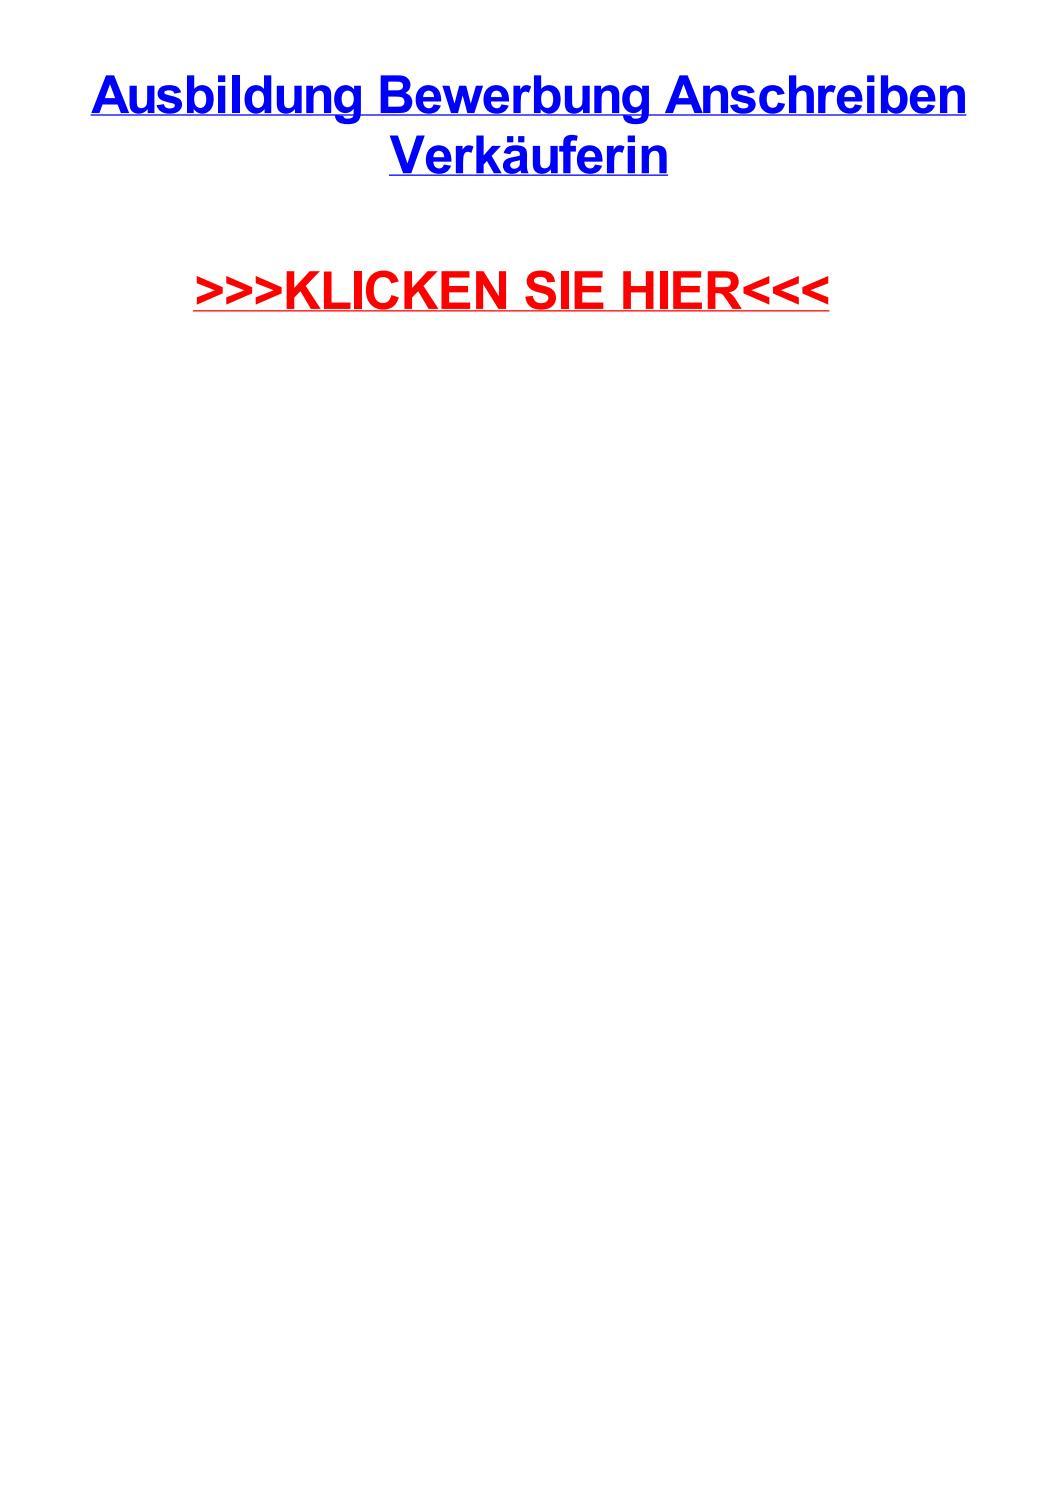 Old Fashioned CBSE Evs Arbeitsblätter Für Die Klasse 2 Pattern ...